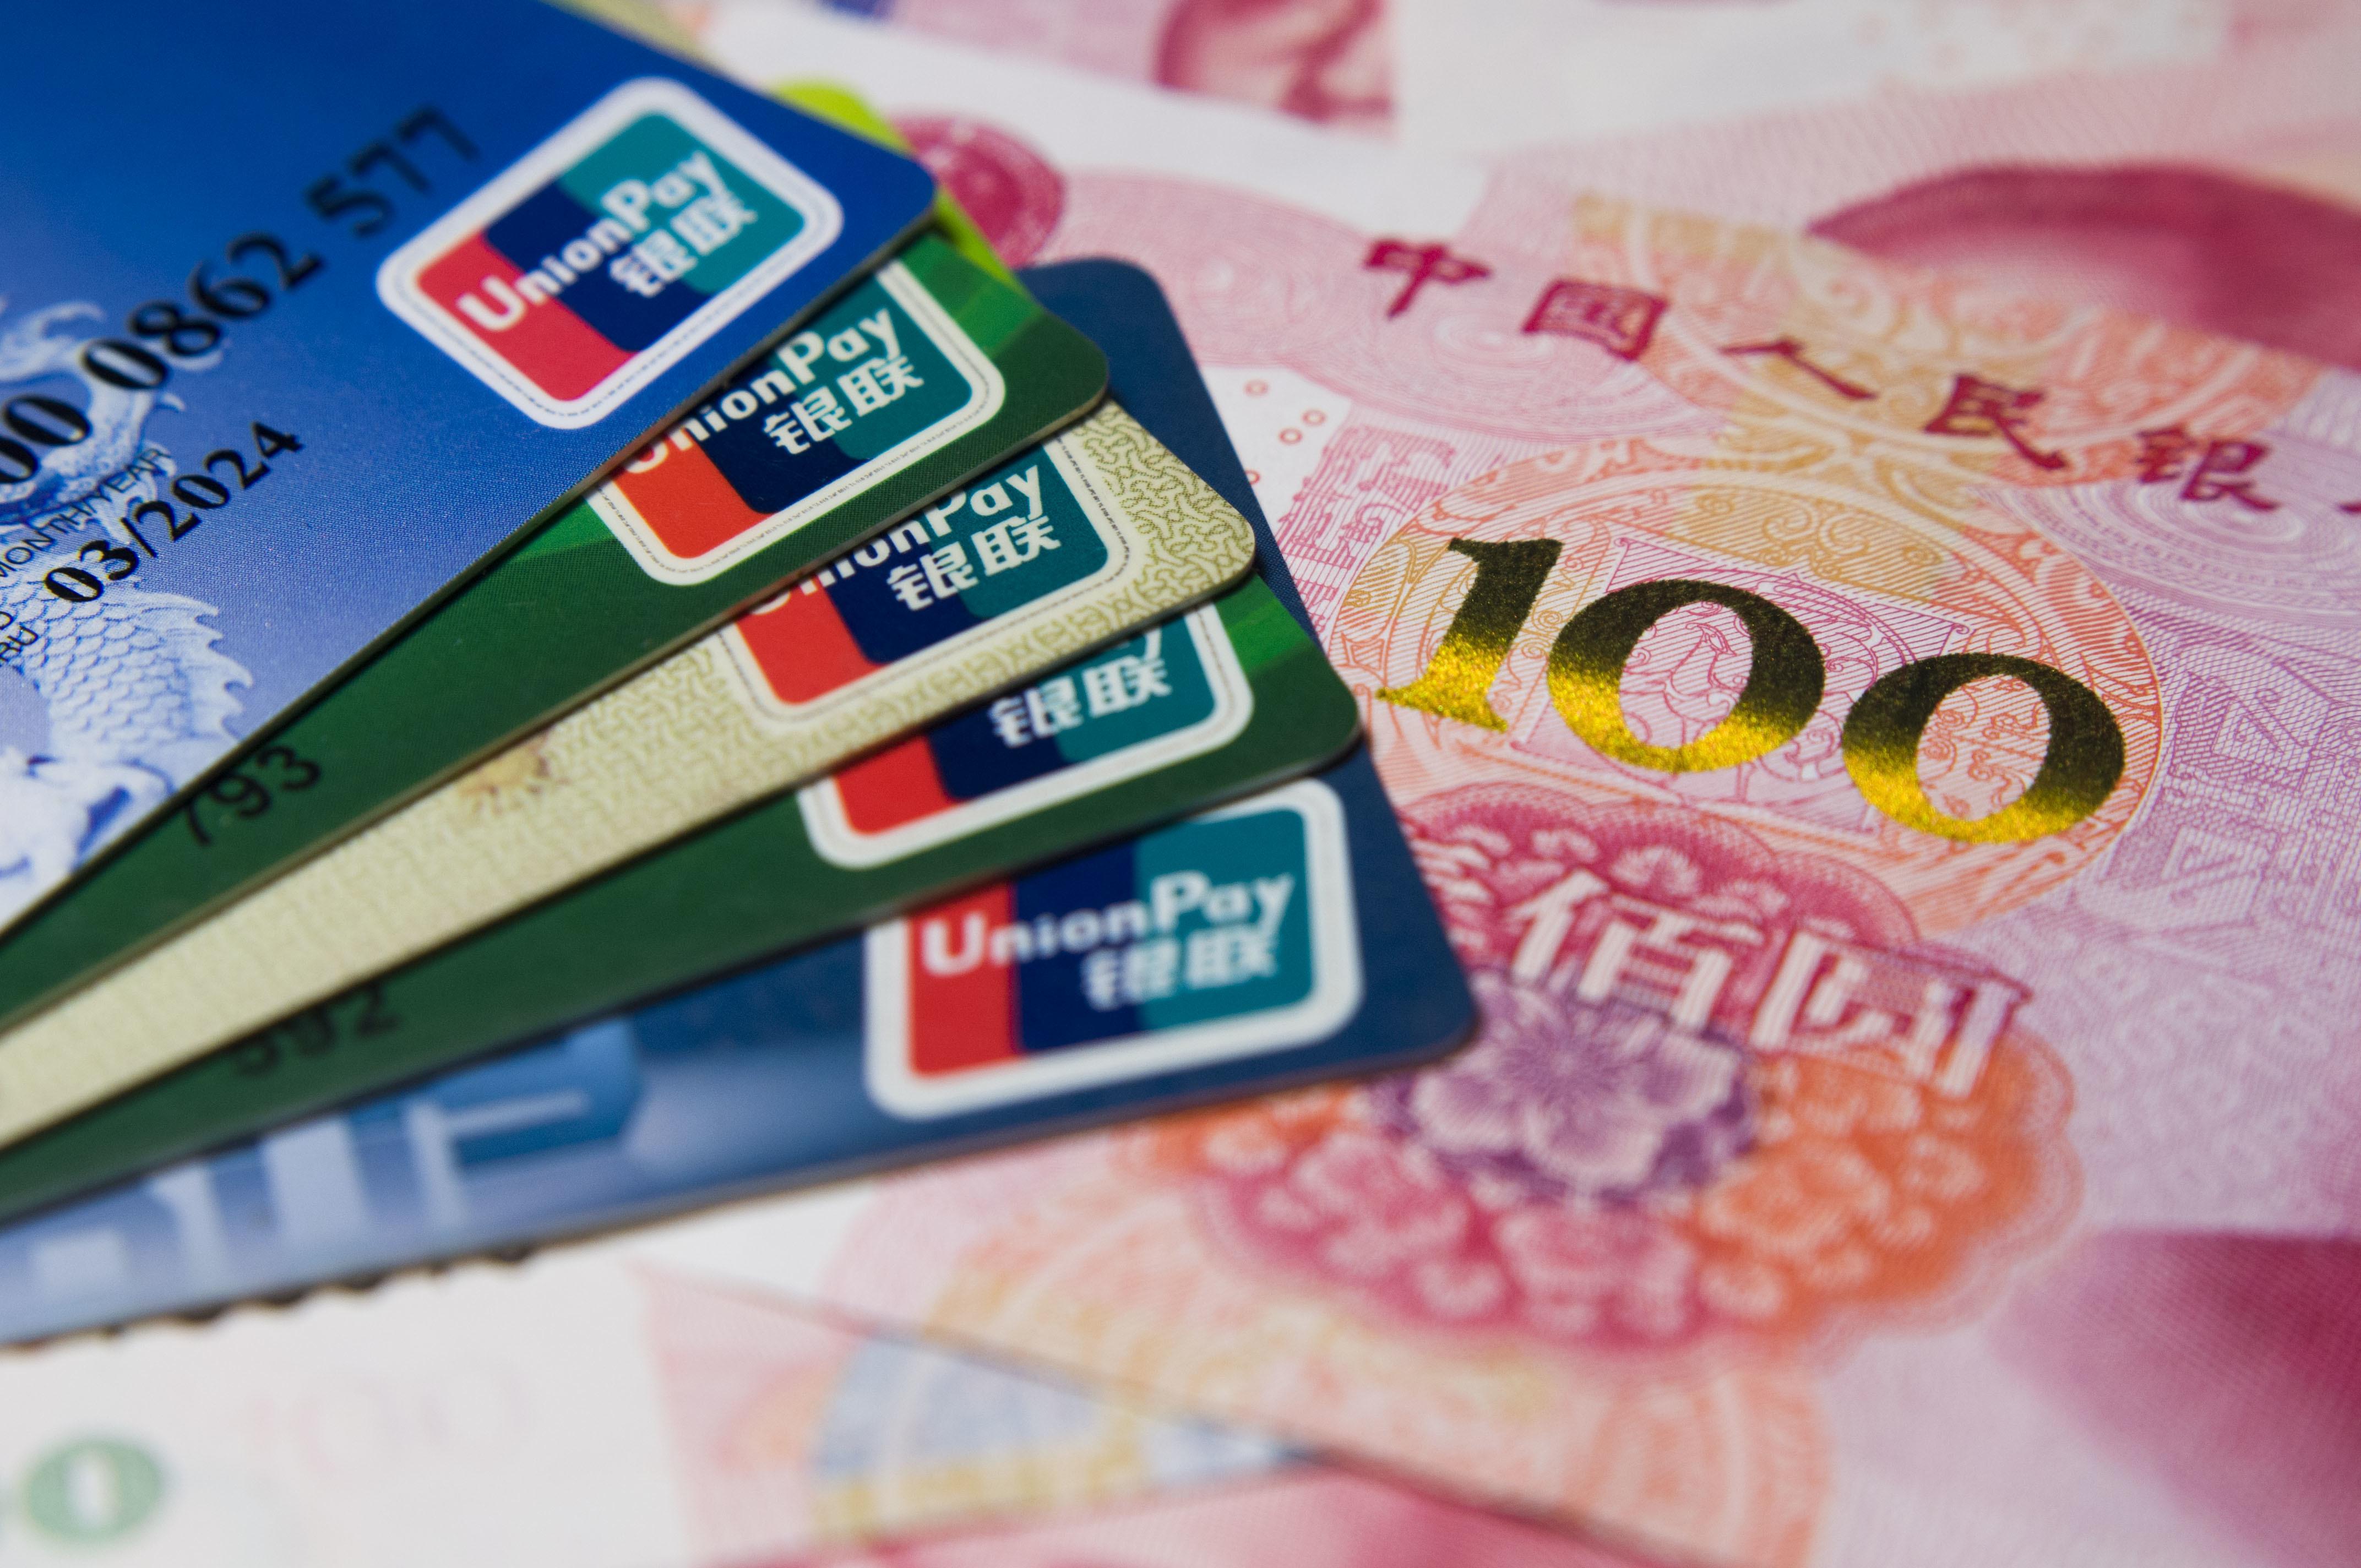 信用卡欠款太多,无力偿还到底该怎么办?